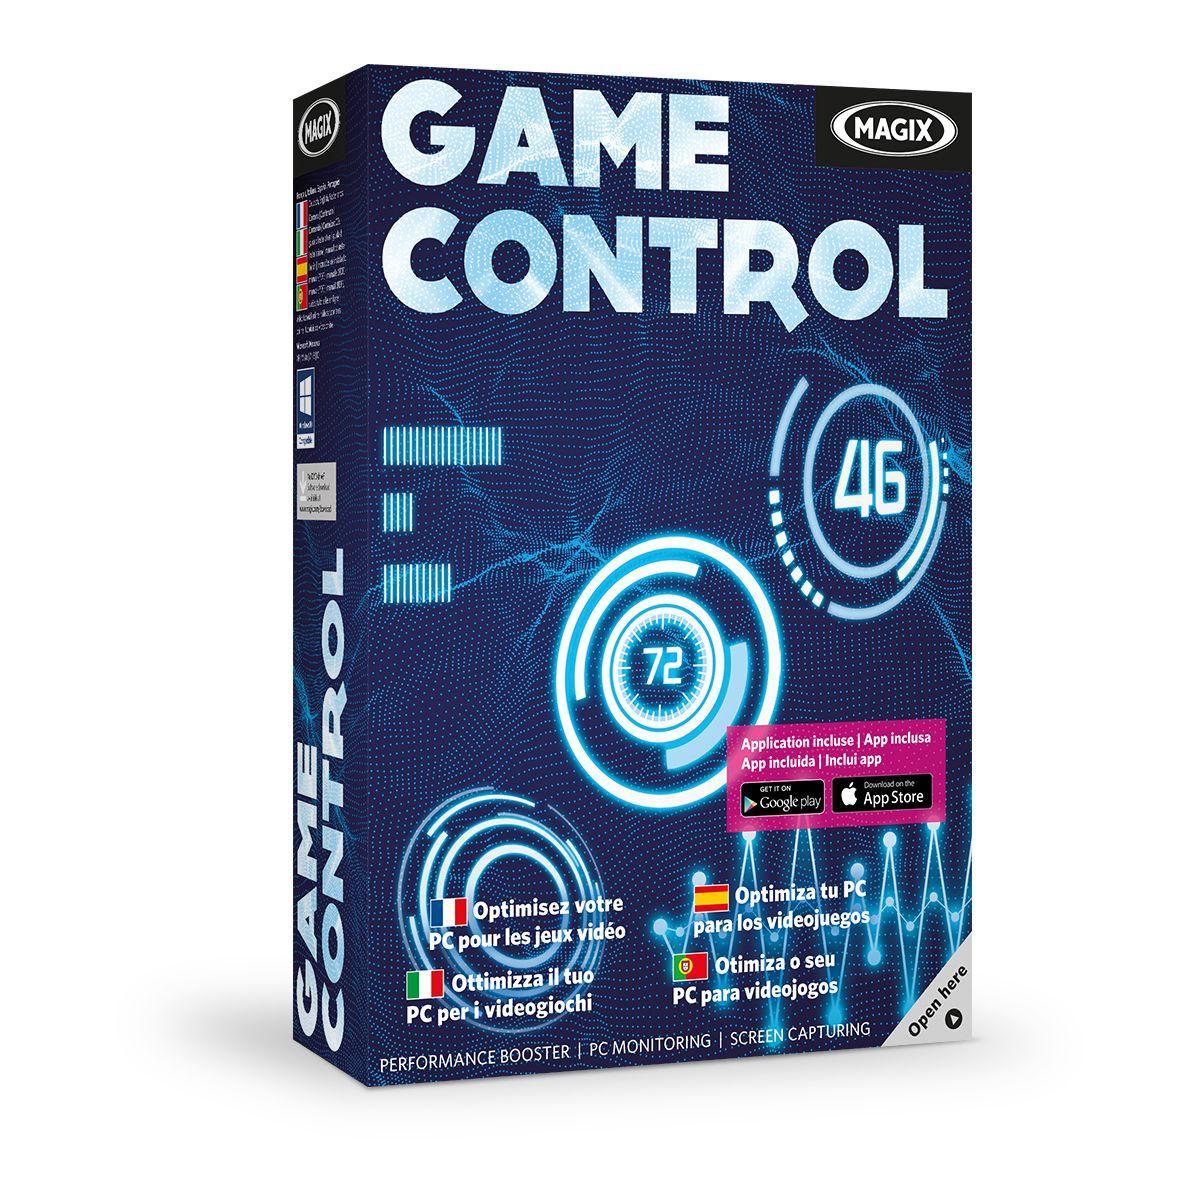 Logiciel pc magix game control